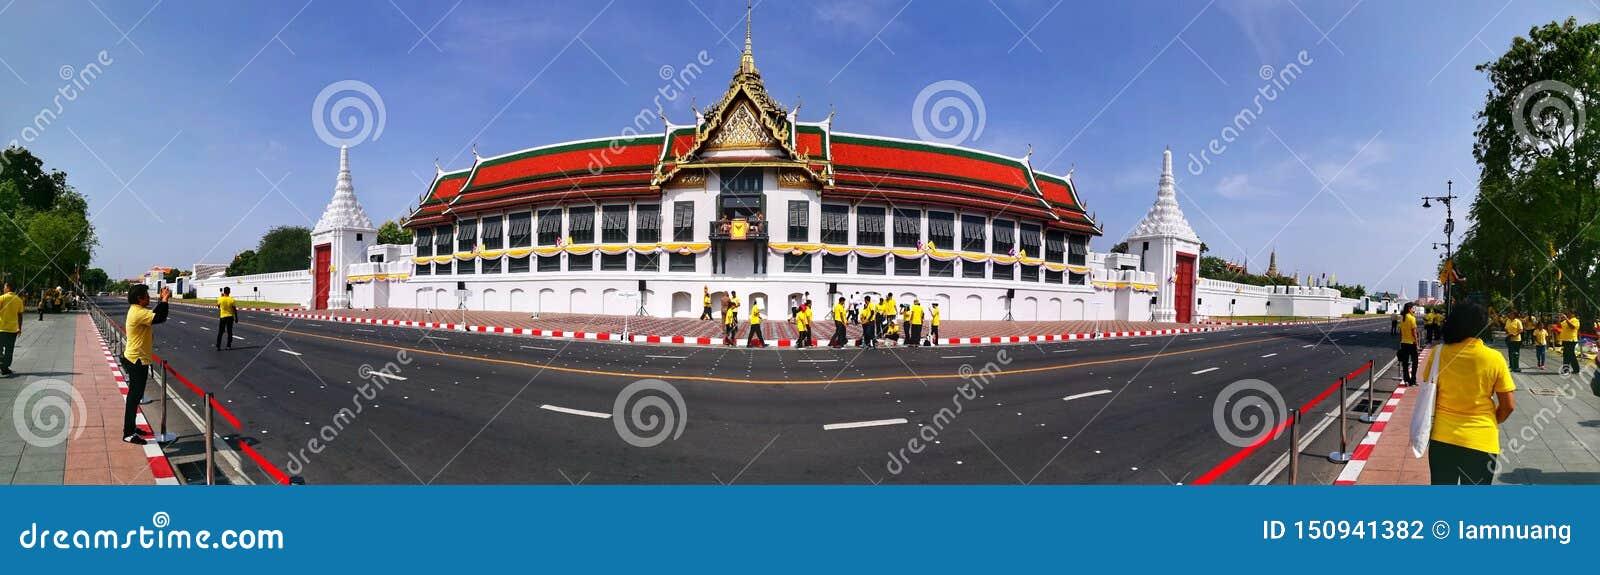 Panorama of Buddhaisawan Chapel and Thai in yellow shirtsin Bangkok during the moment of Thai Coronation days